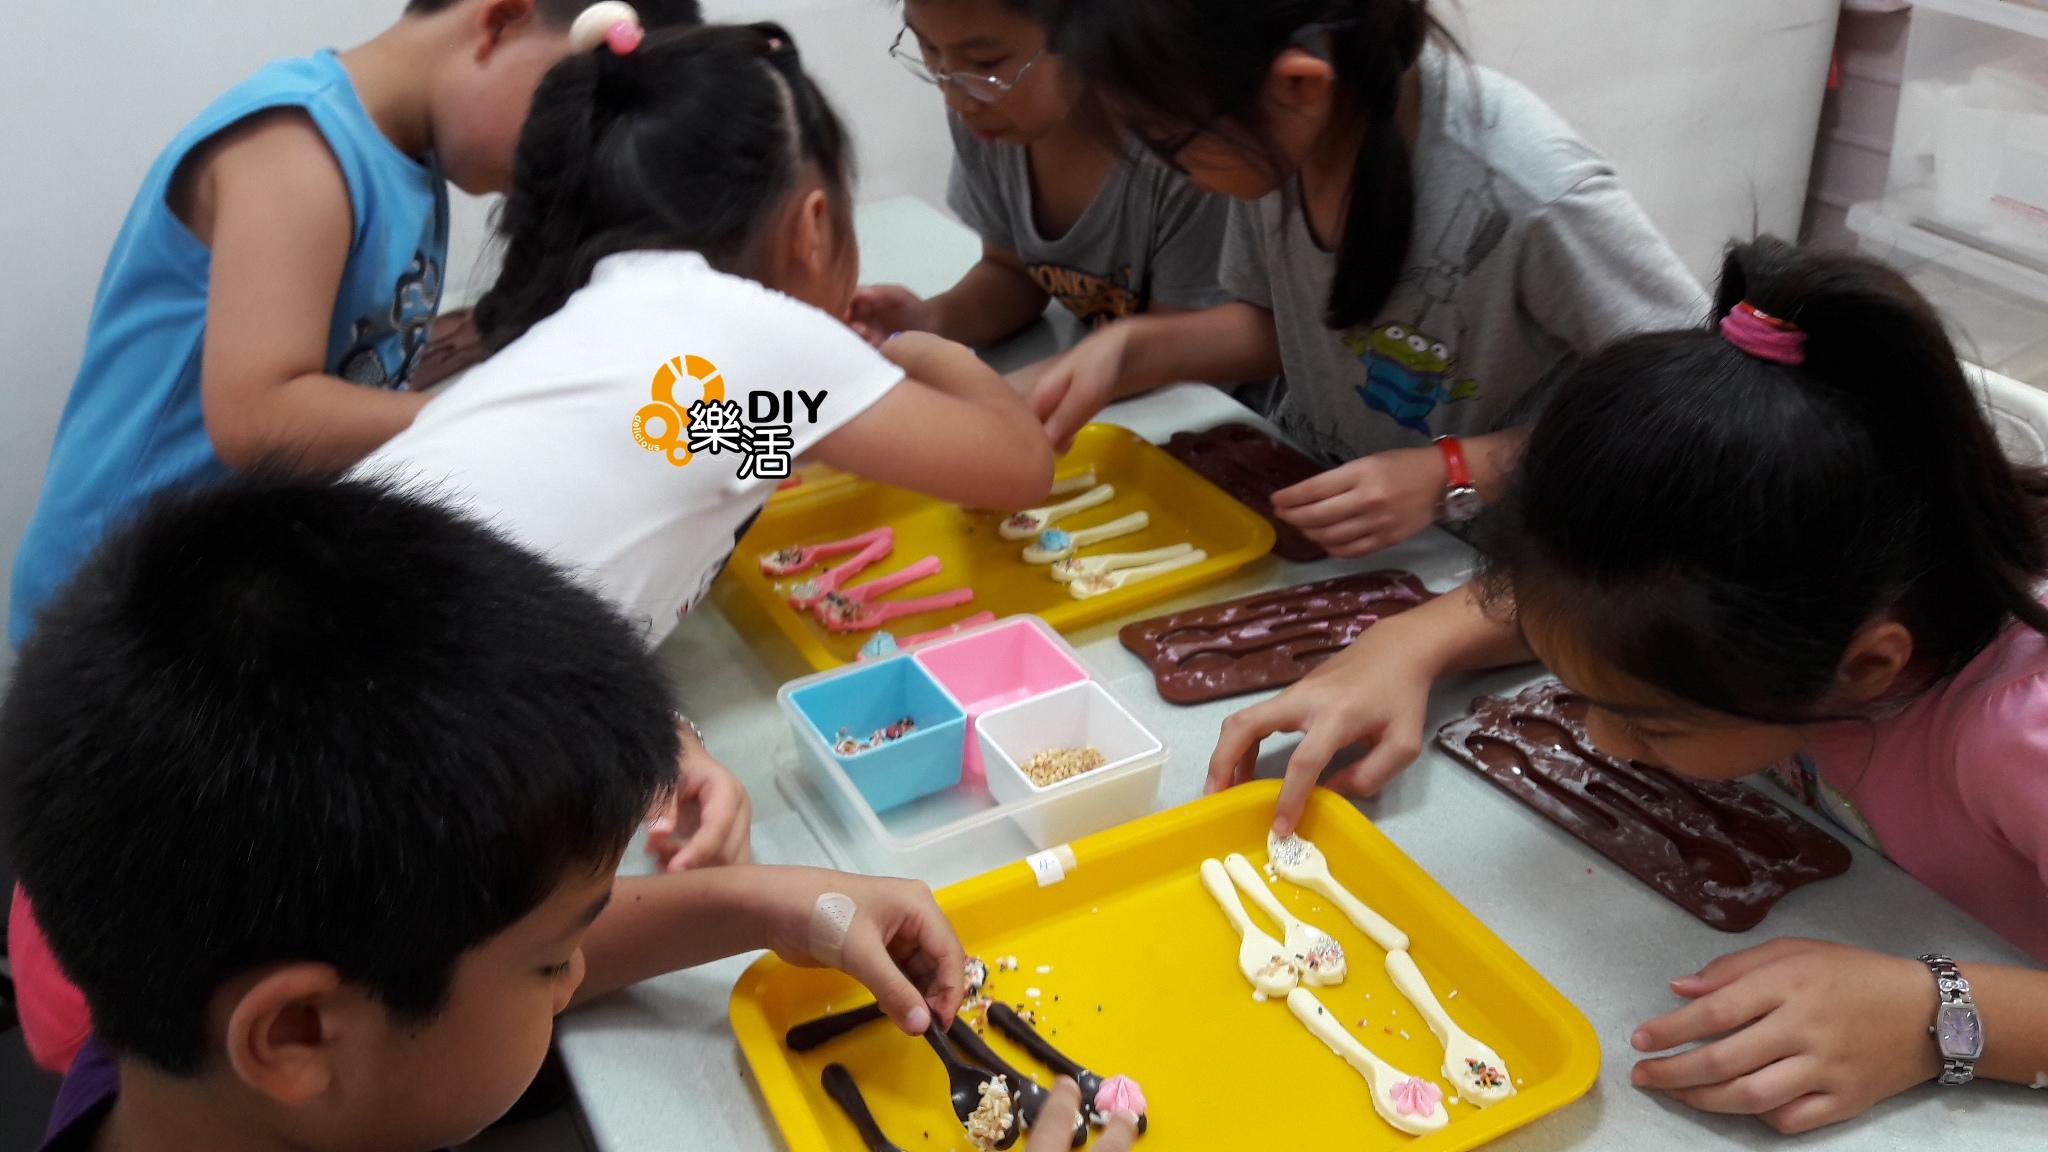 20160705暑期兒童烘焙班(團體班)DIY課程-巧克力攪拌棒  課程紀事